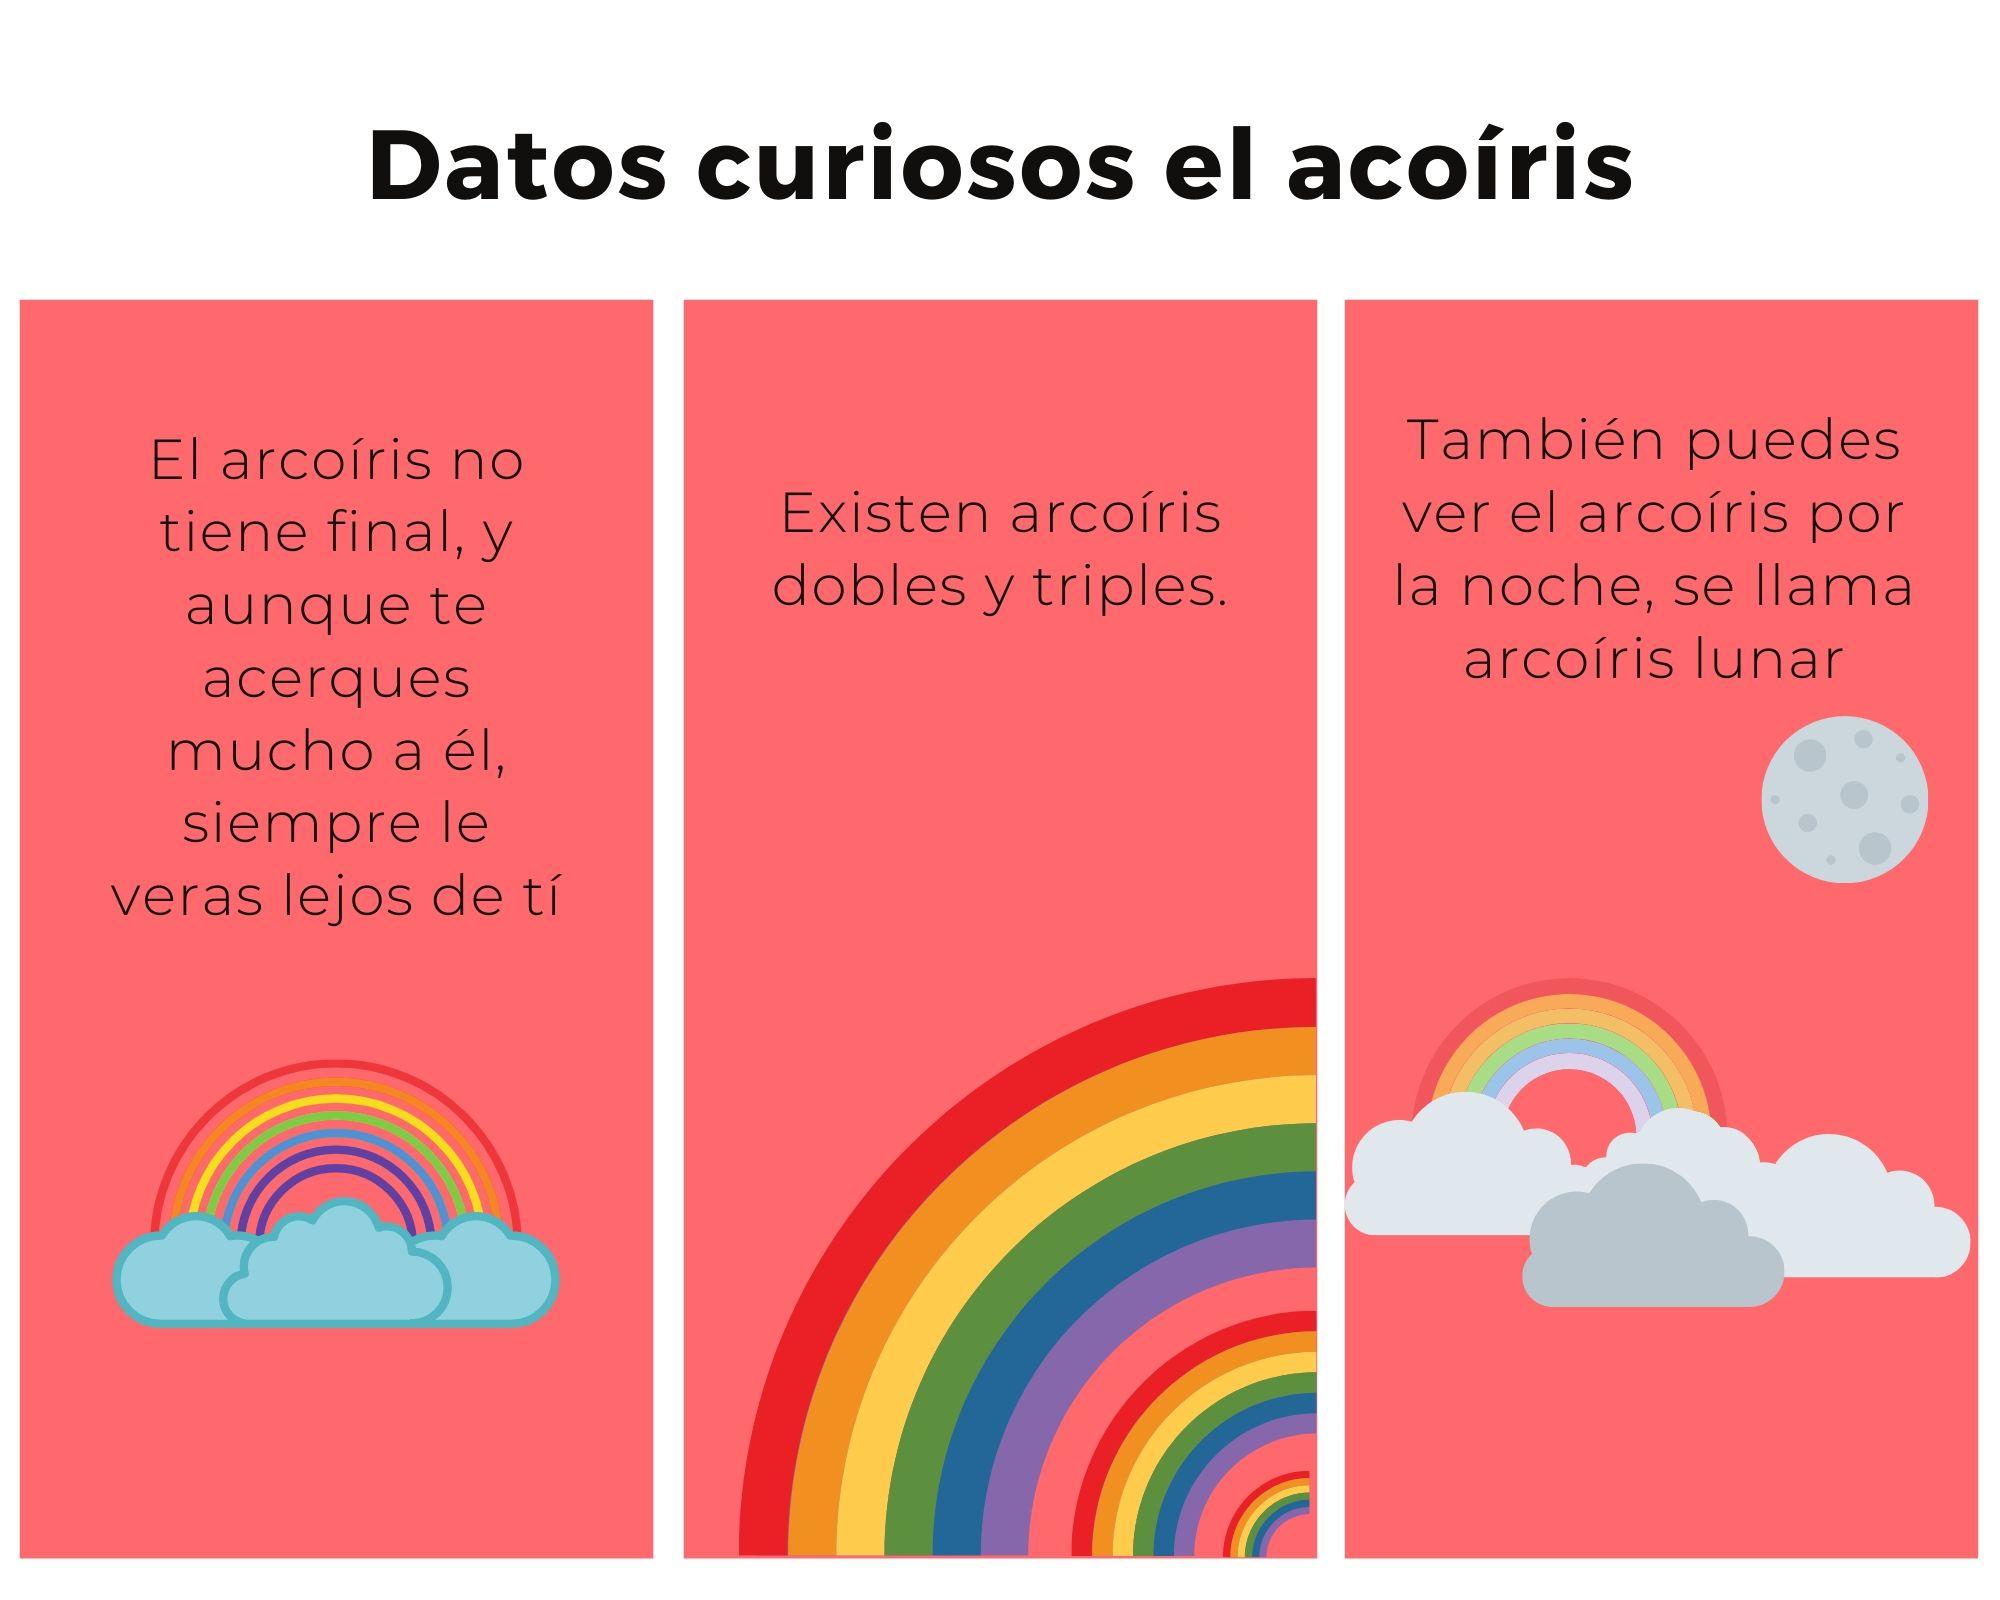 Datos curiosos sobre el arcoíris